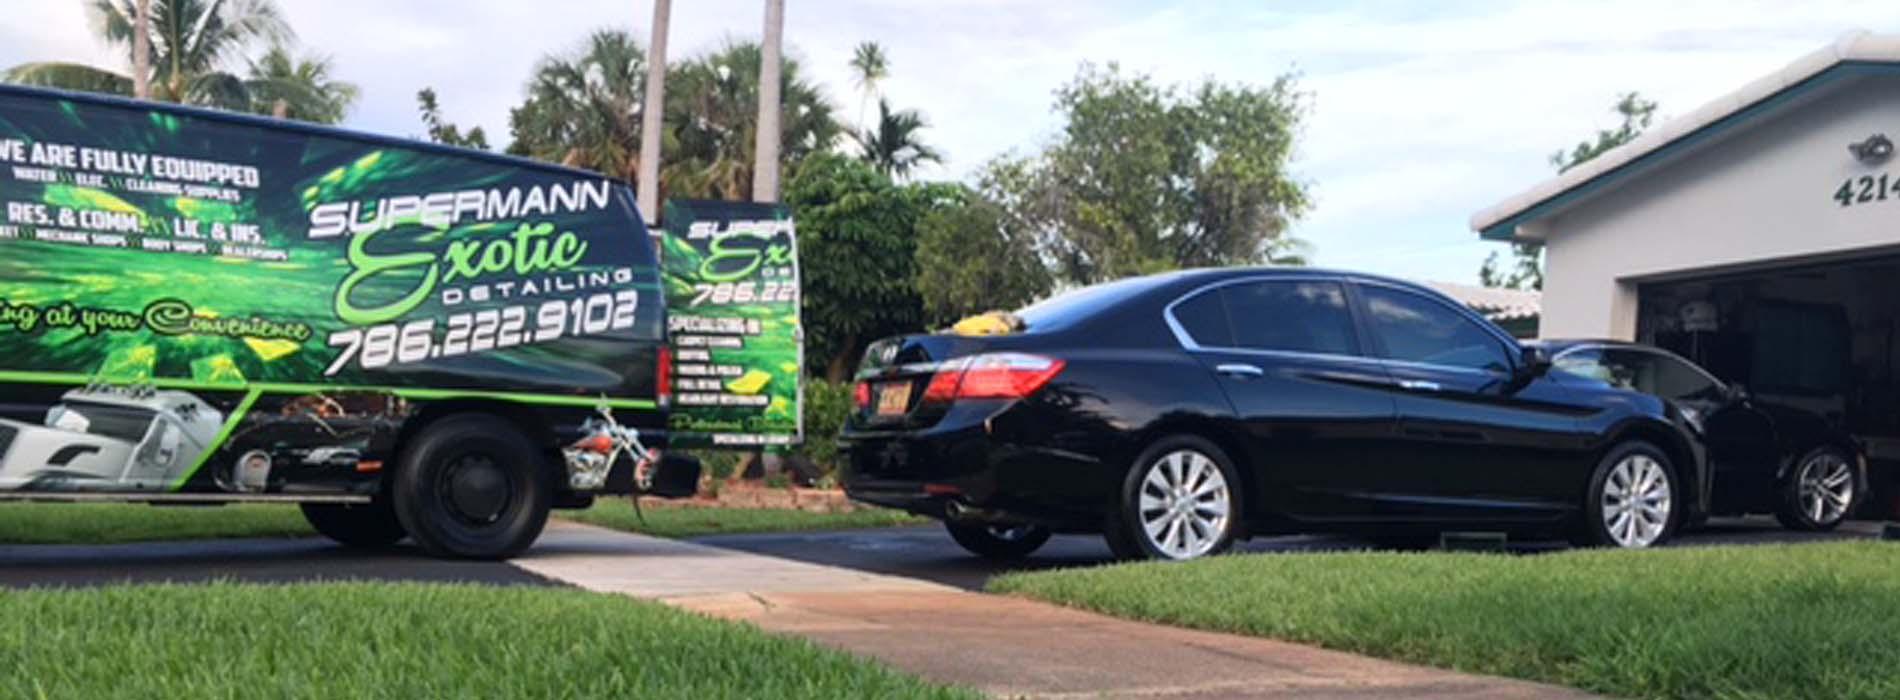 Mobile Car Wash North Miami Beach